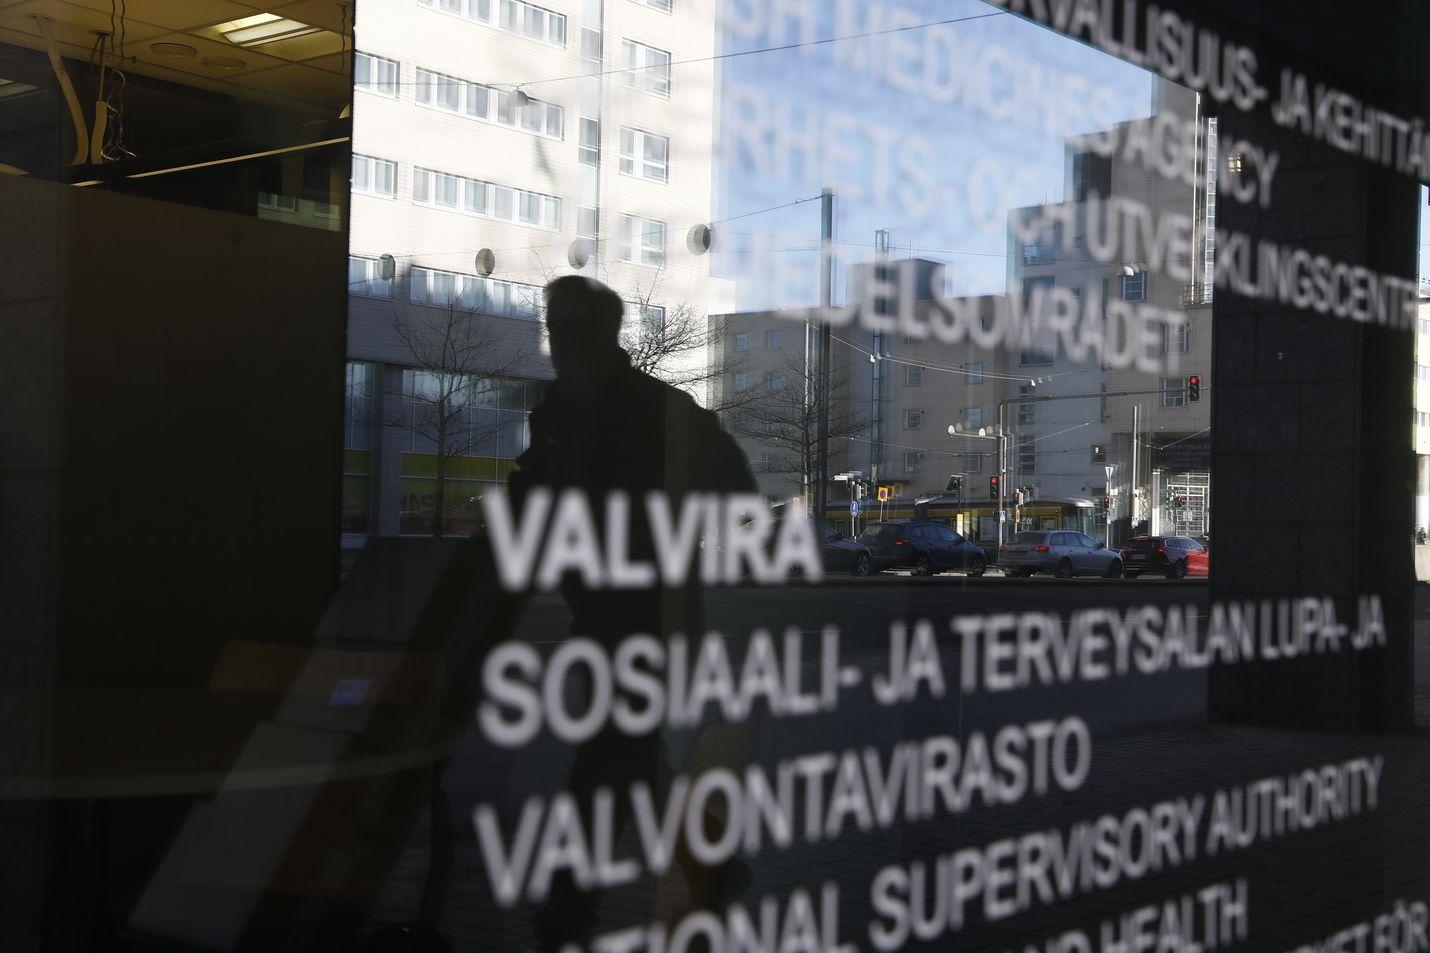 Lukuisissa Esperin vanhustenhuollon yksiköissä on todettu vuosina 2016-2019 asiakasturvallisuutta vakavasti vaarantavia puutteita. Valvira vaatii päätöksessään yhtiötä korjaamaan epäkohdat heinäkuun loppuun mennessä.